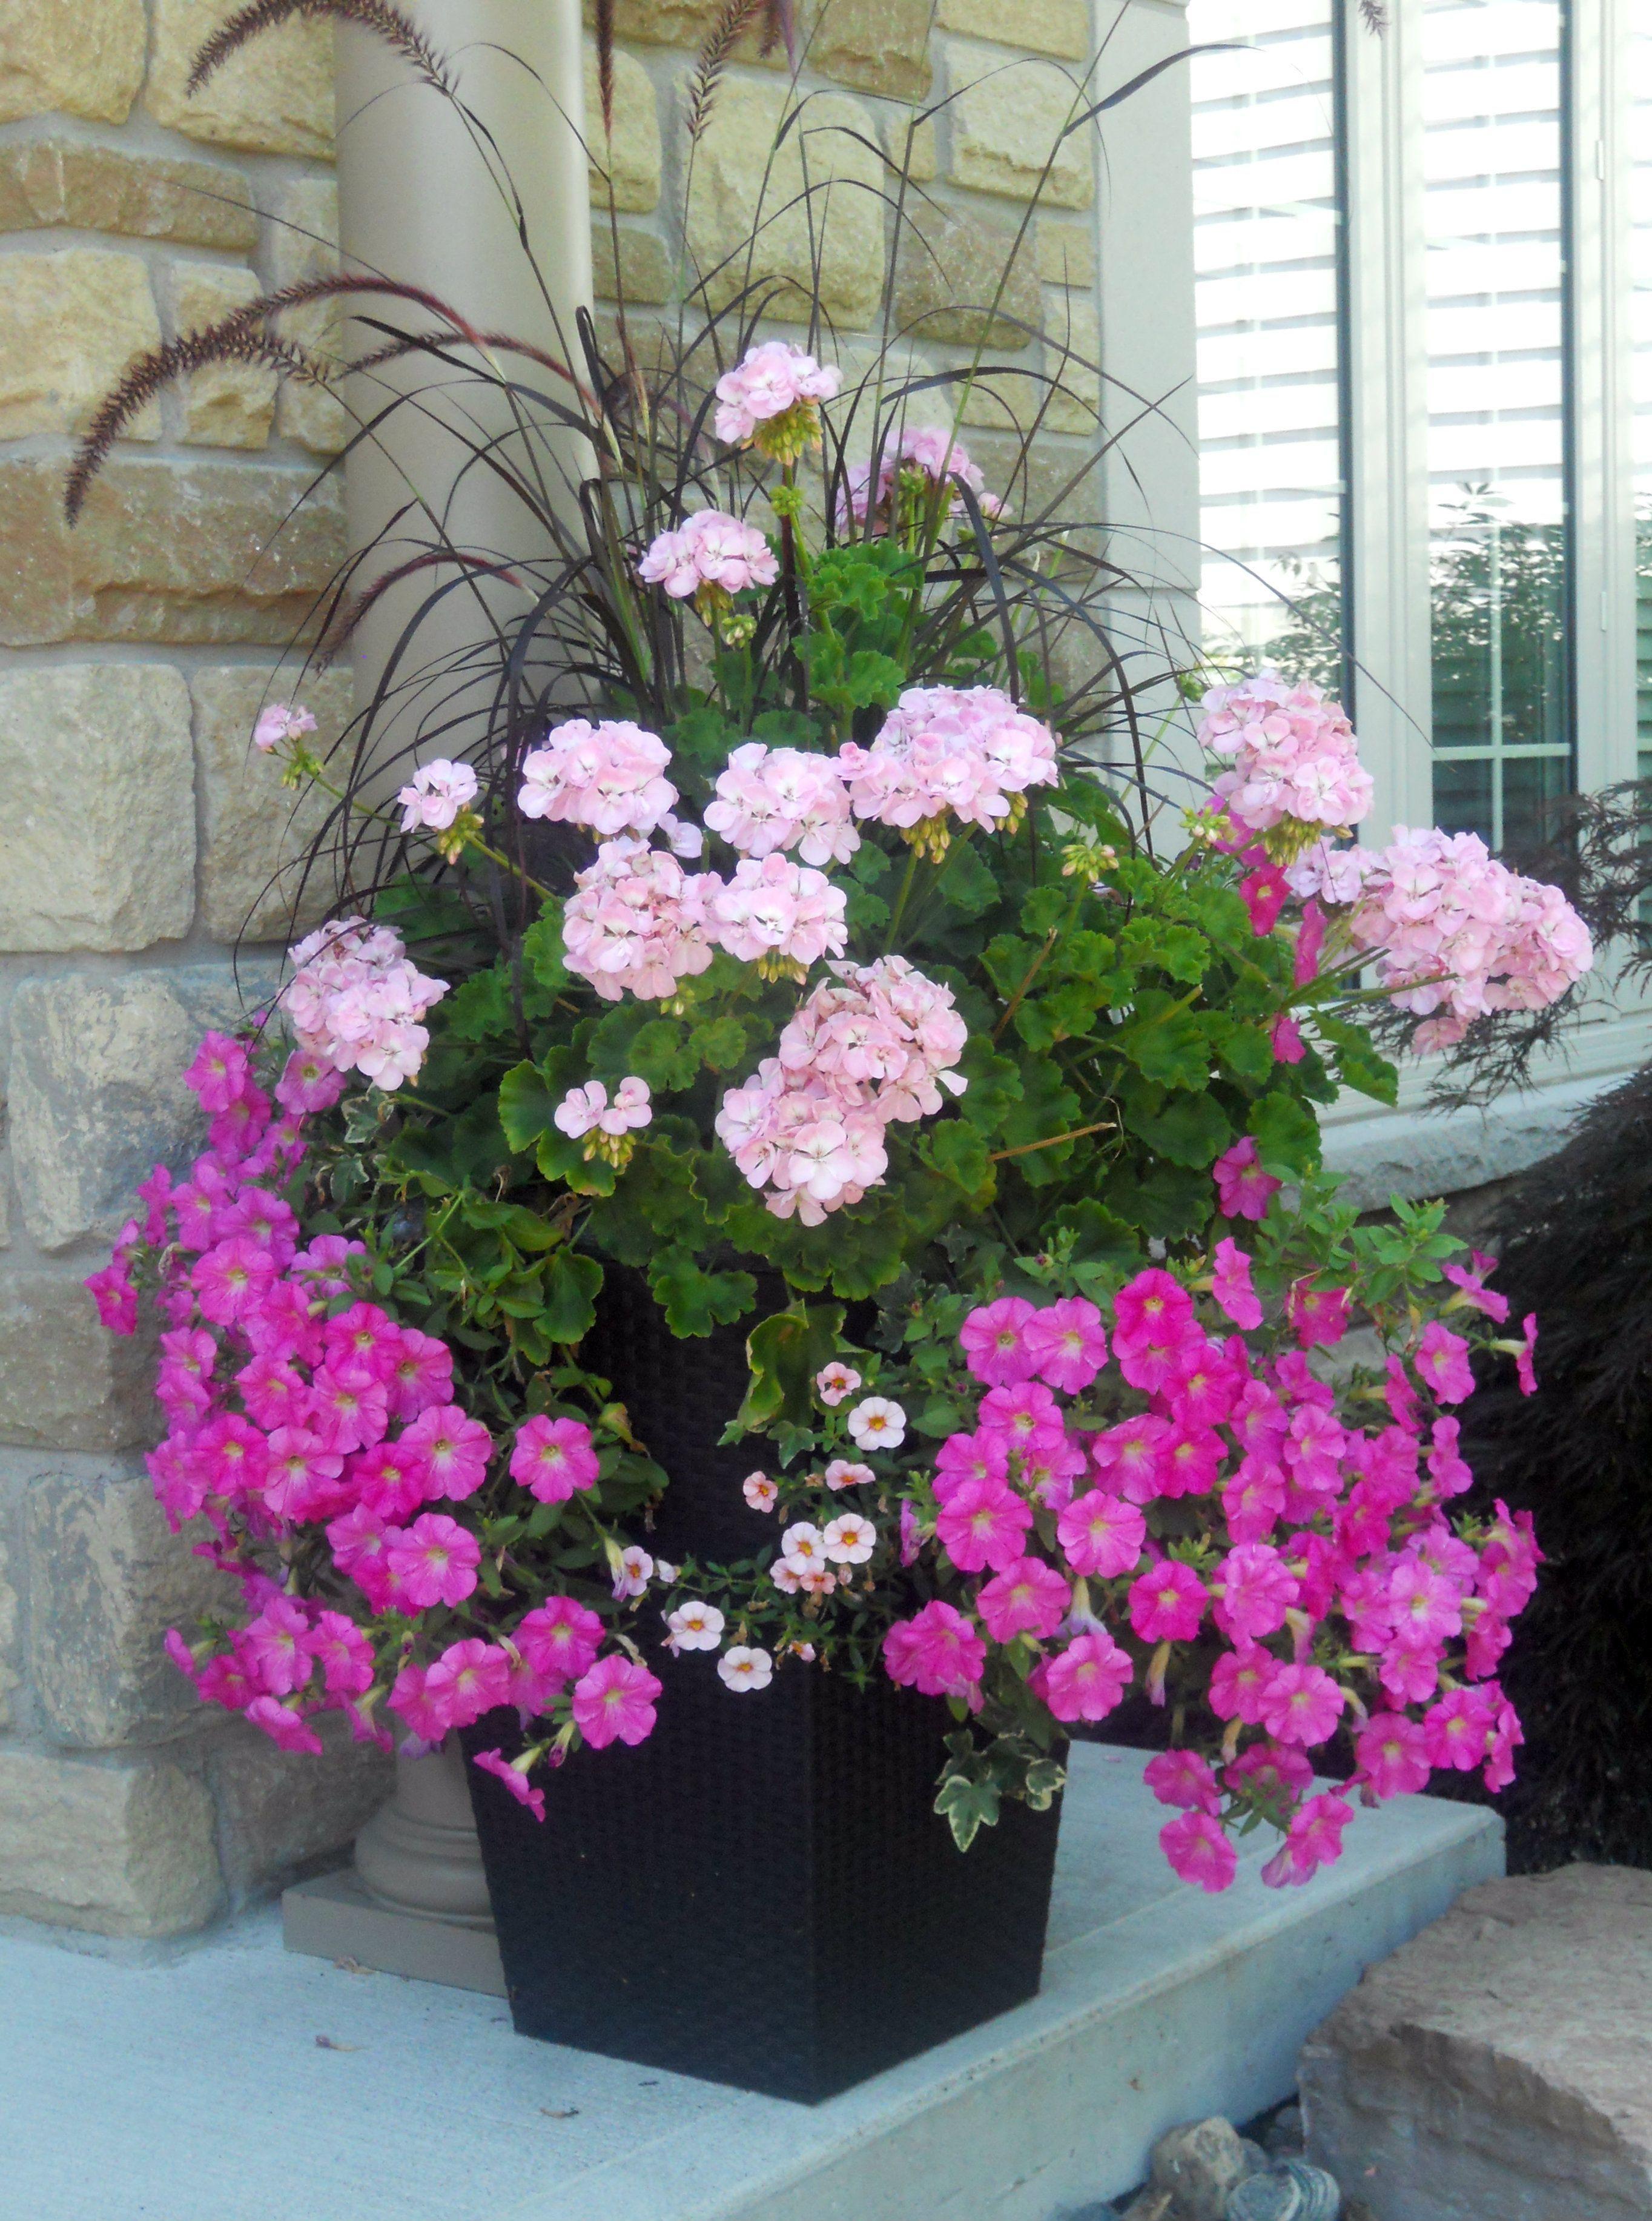 31 Bonitas Macetas De Puerta Delantera Para Una Buena Primera Impresion Bonitas Buena Delantera Impre In 2020 Container Flowers Flower Planters Garden Containers